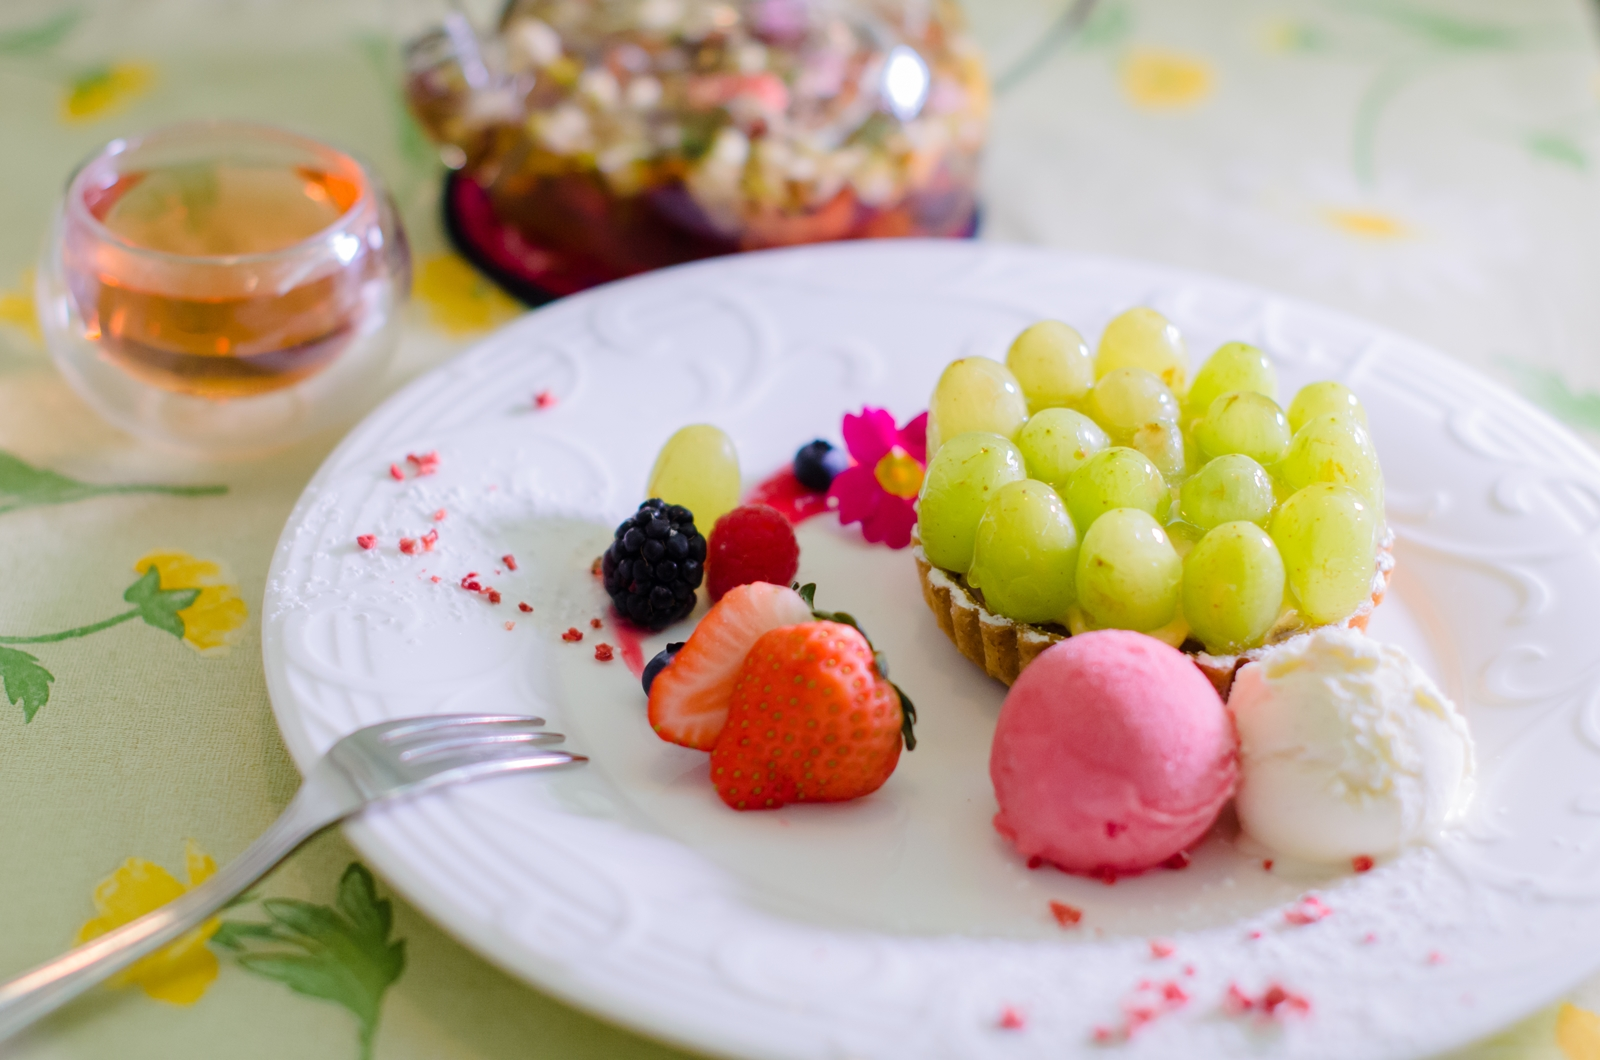 Photo: 「タルト・トンプソン」 フランス菓子 エリティエ  皮ごと食べられるブドウ トンプソンがたっぷりと敷き詰められたタルトです♪  薄めの皮は 噛むとパリッとはじけて、 果肉はしっかりと歯ごたえがありつつも じゅわっと果汁が口に広がります。 甘みがとっても 爽やかな気持ちにさせてくれますね☆ 程よい甘みのカスタードも敷かれて 口の中で合わさると いっそう味の深みを増してくれます!  パナッシェセットで オリジナル花茶と合わせていただくと とても優雅なティータイムを楽しめます♪  また現在エリティエさんでは チーム北海道という北海道に通じる17名の写真家集団による写真展 「きたのくにから2016~大地のおくりもの~」 という写真展も開催されています。 北海道の雄大な自然、 そしてそこに住むいきもの達、 今なら美味しいスイーツを楽しみながら、 そんな北海道の空気も楽しむことができます♪  写真展の会期は6月24日(金)まで、 この機会にぜひぜひ訪れてみてください☆  イベントページ 「 きたのくにから2016~大地のおくりもの~」 https://plus.google.com/u/0/events/cs3cm9efdf549psjnpmop7vanvs  「 フランス菓子 エリティエ 」 http://heritier-jp.com/  Nikon D7000 Nikon AF-S NIKKOR 50mm f/1.4G  #ケーキの日 #ごちそうフォト ( http://takafumiooshio.com/archives/2431 )